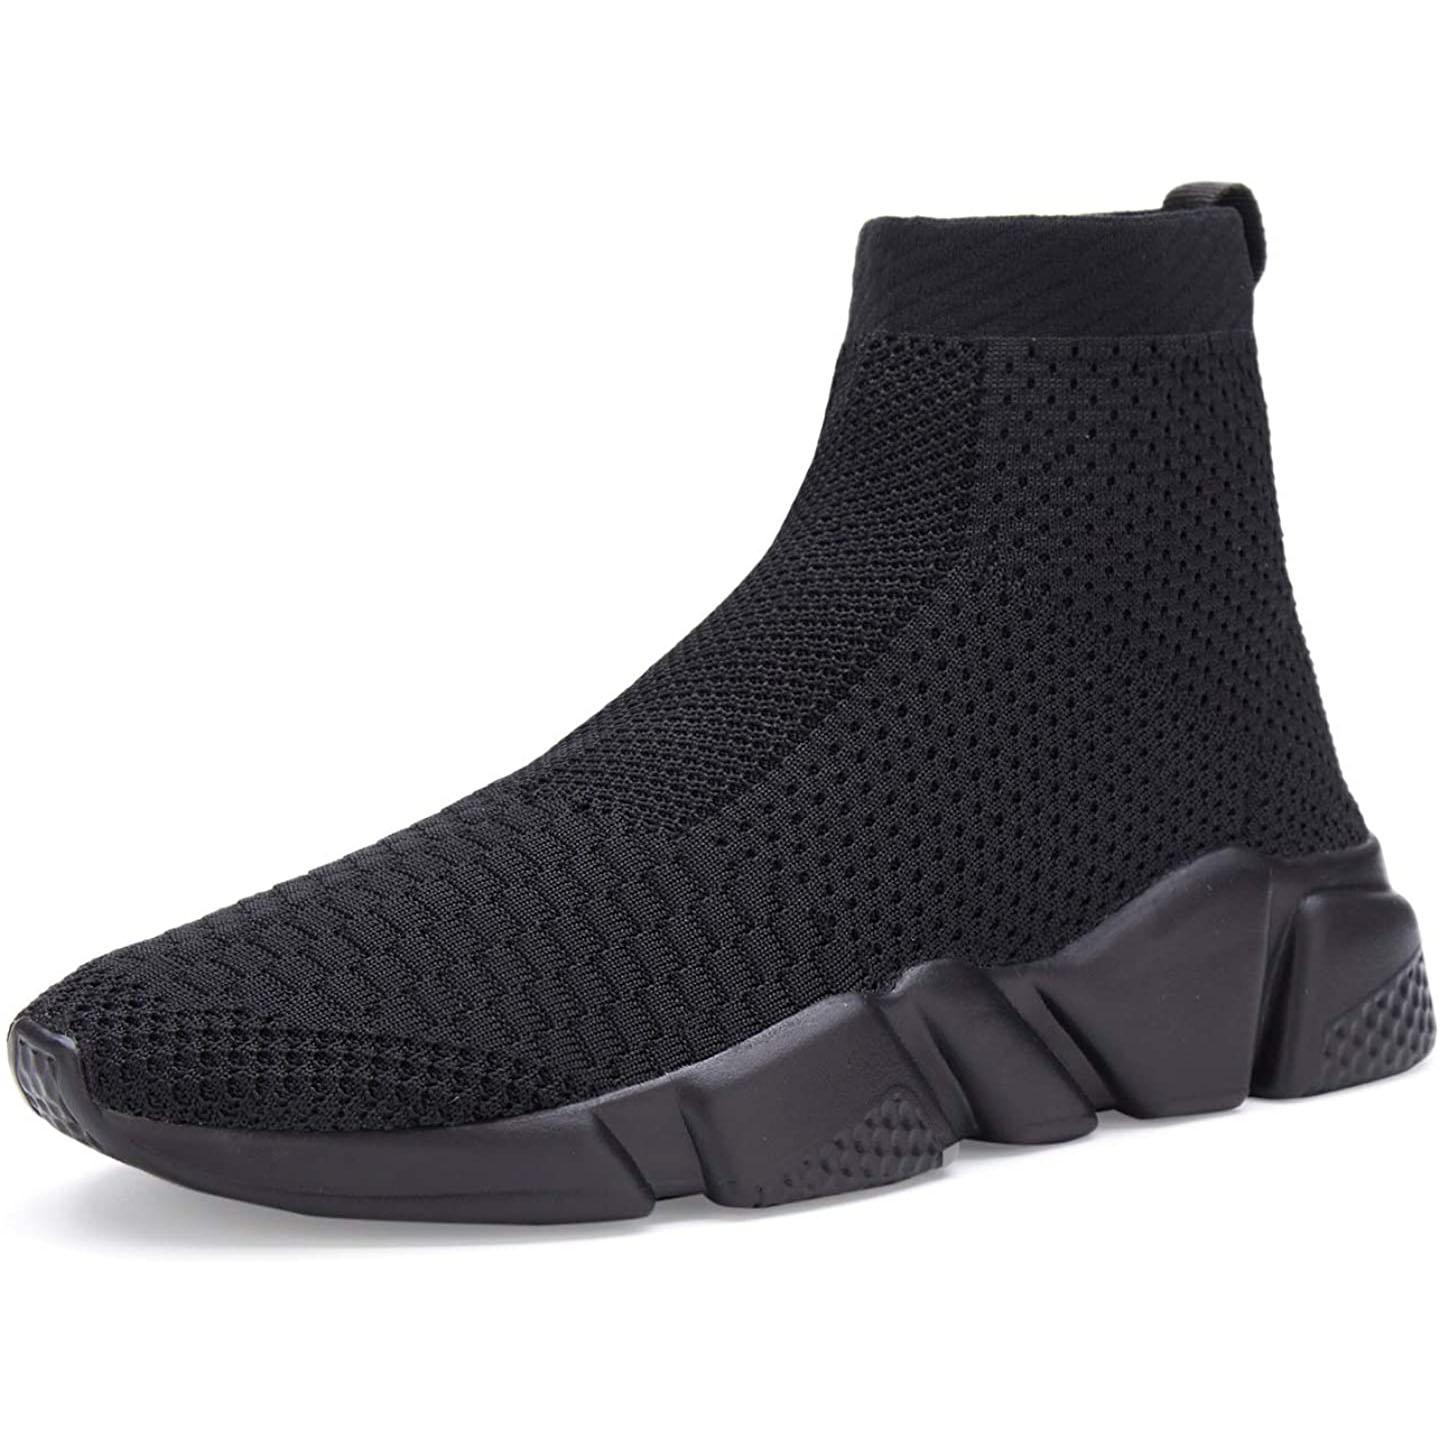 Santiro Running Shoes